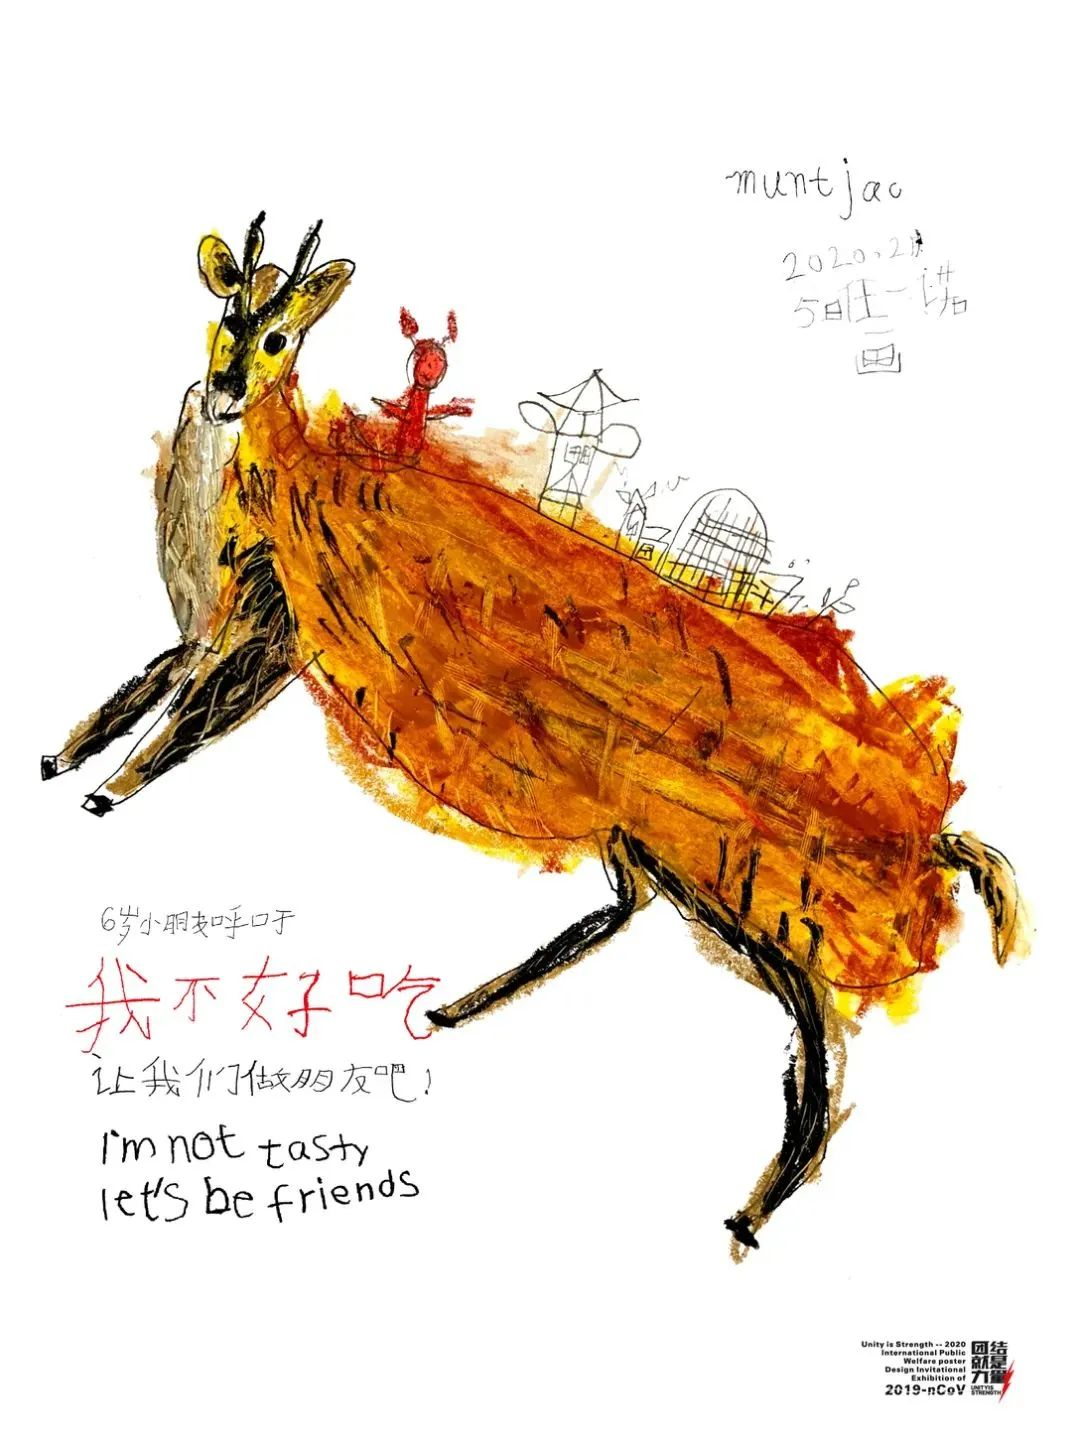 6岁蒙古族小设计师用插画拯救野生动物,为抗疫助力! 第18张